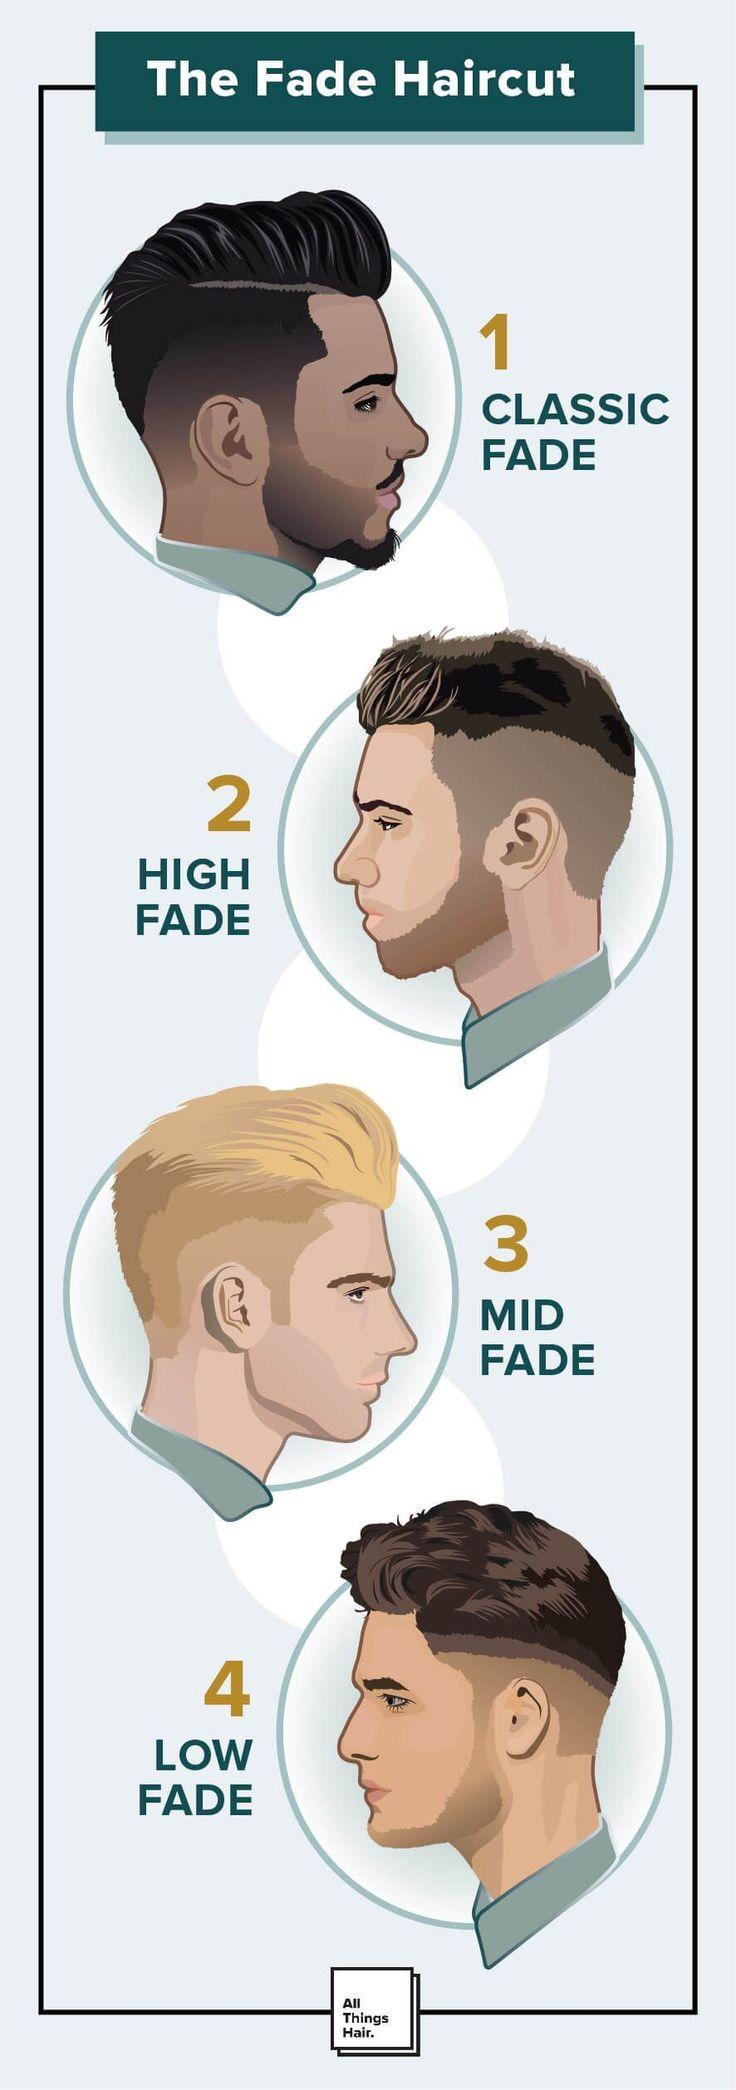 189 best barber shop stuff images on pinterest | barber shop